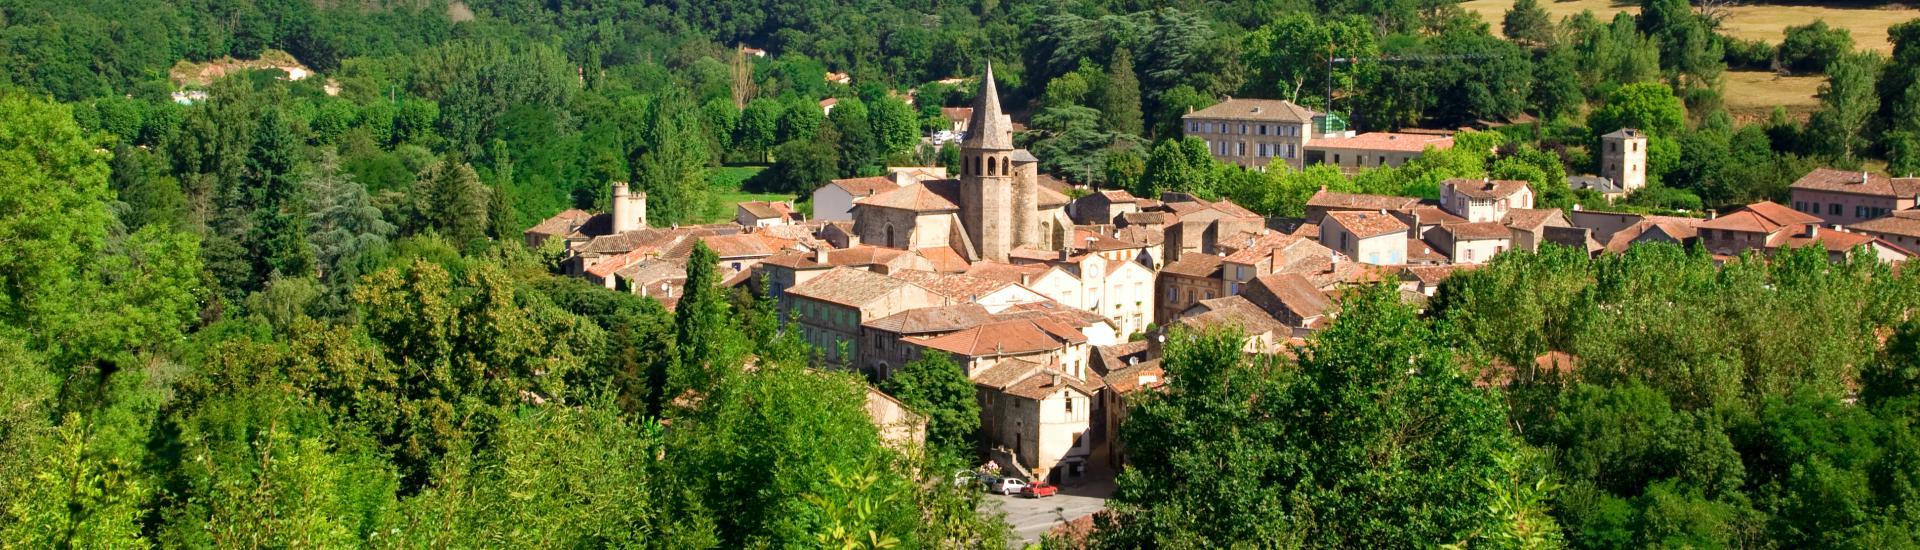 Village de Monesties